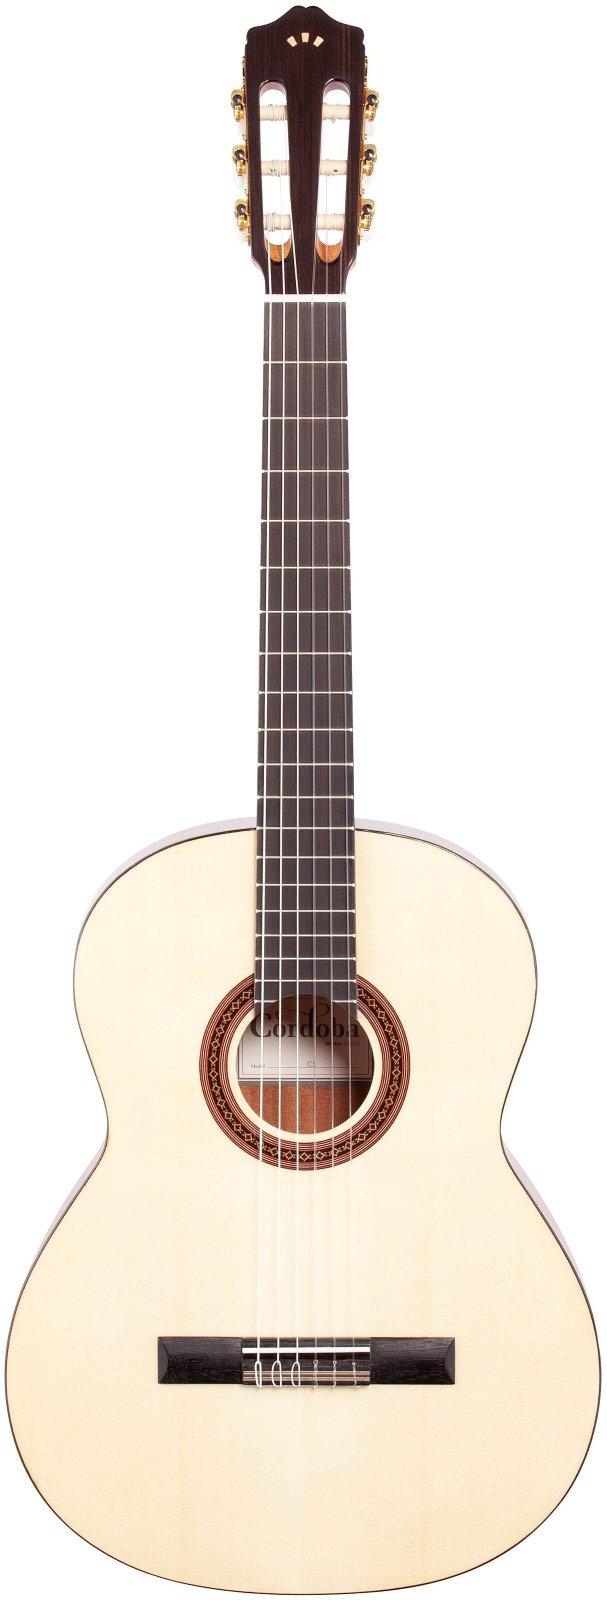 Cordoba C5 Spruce Classical Guitar